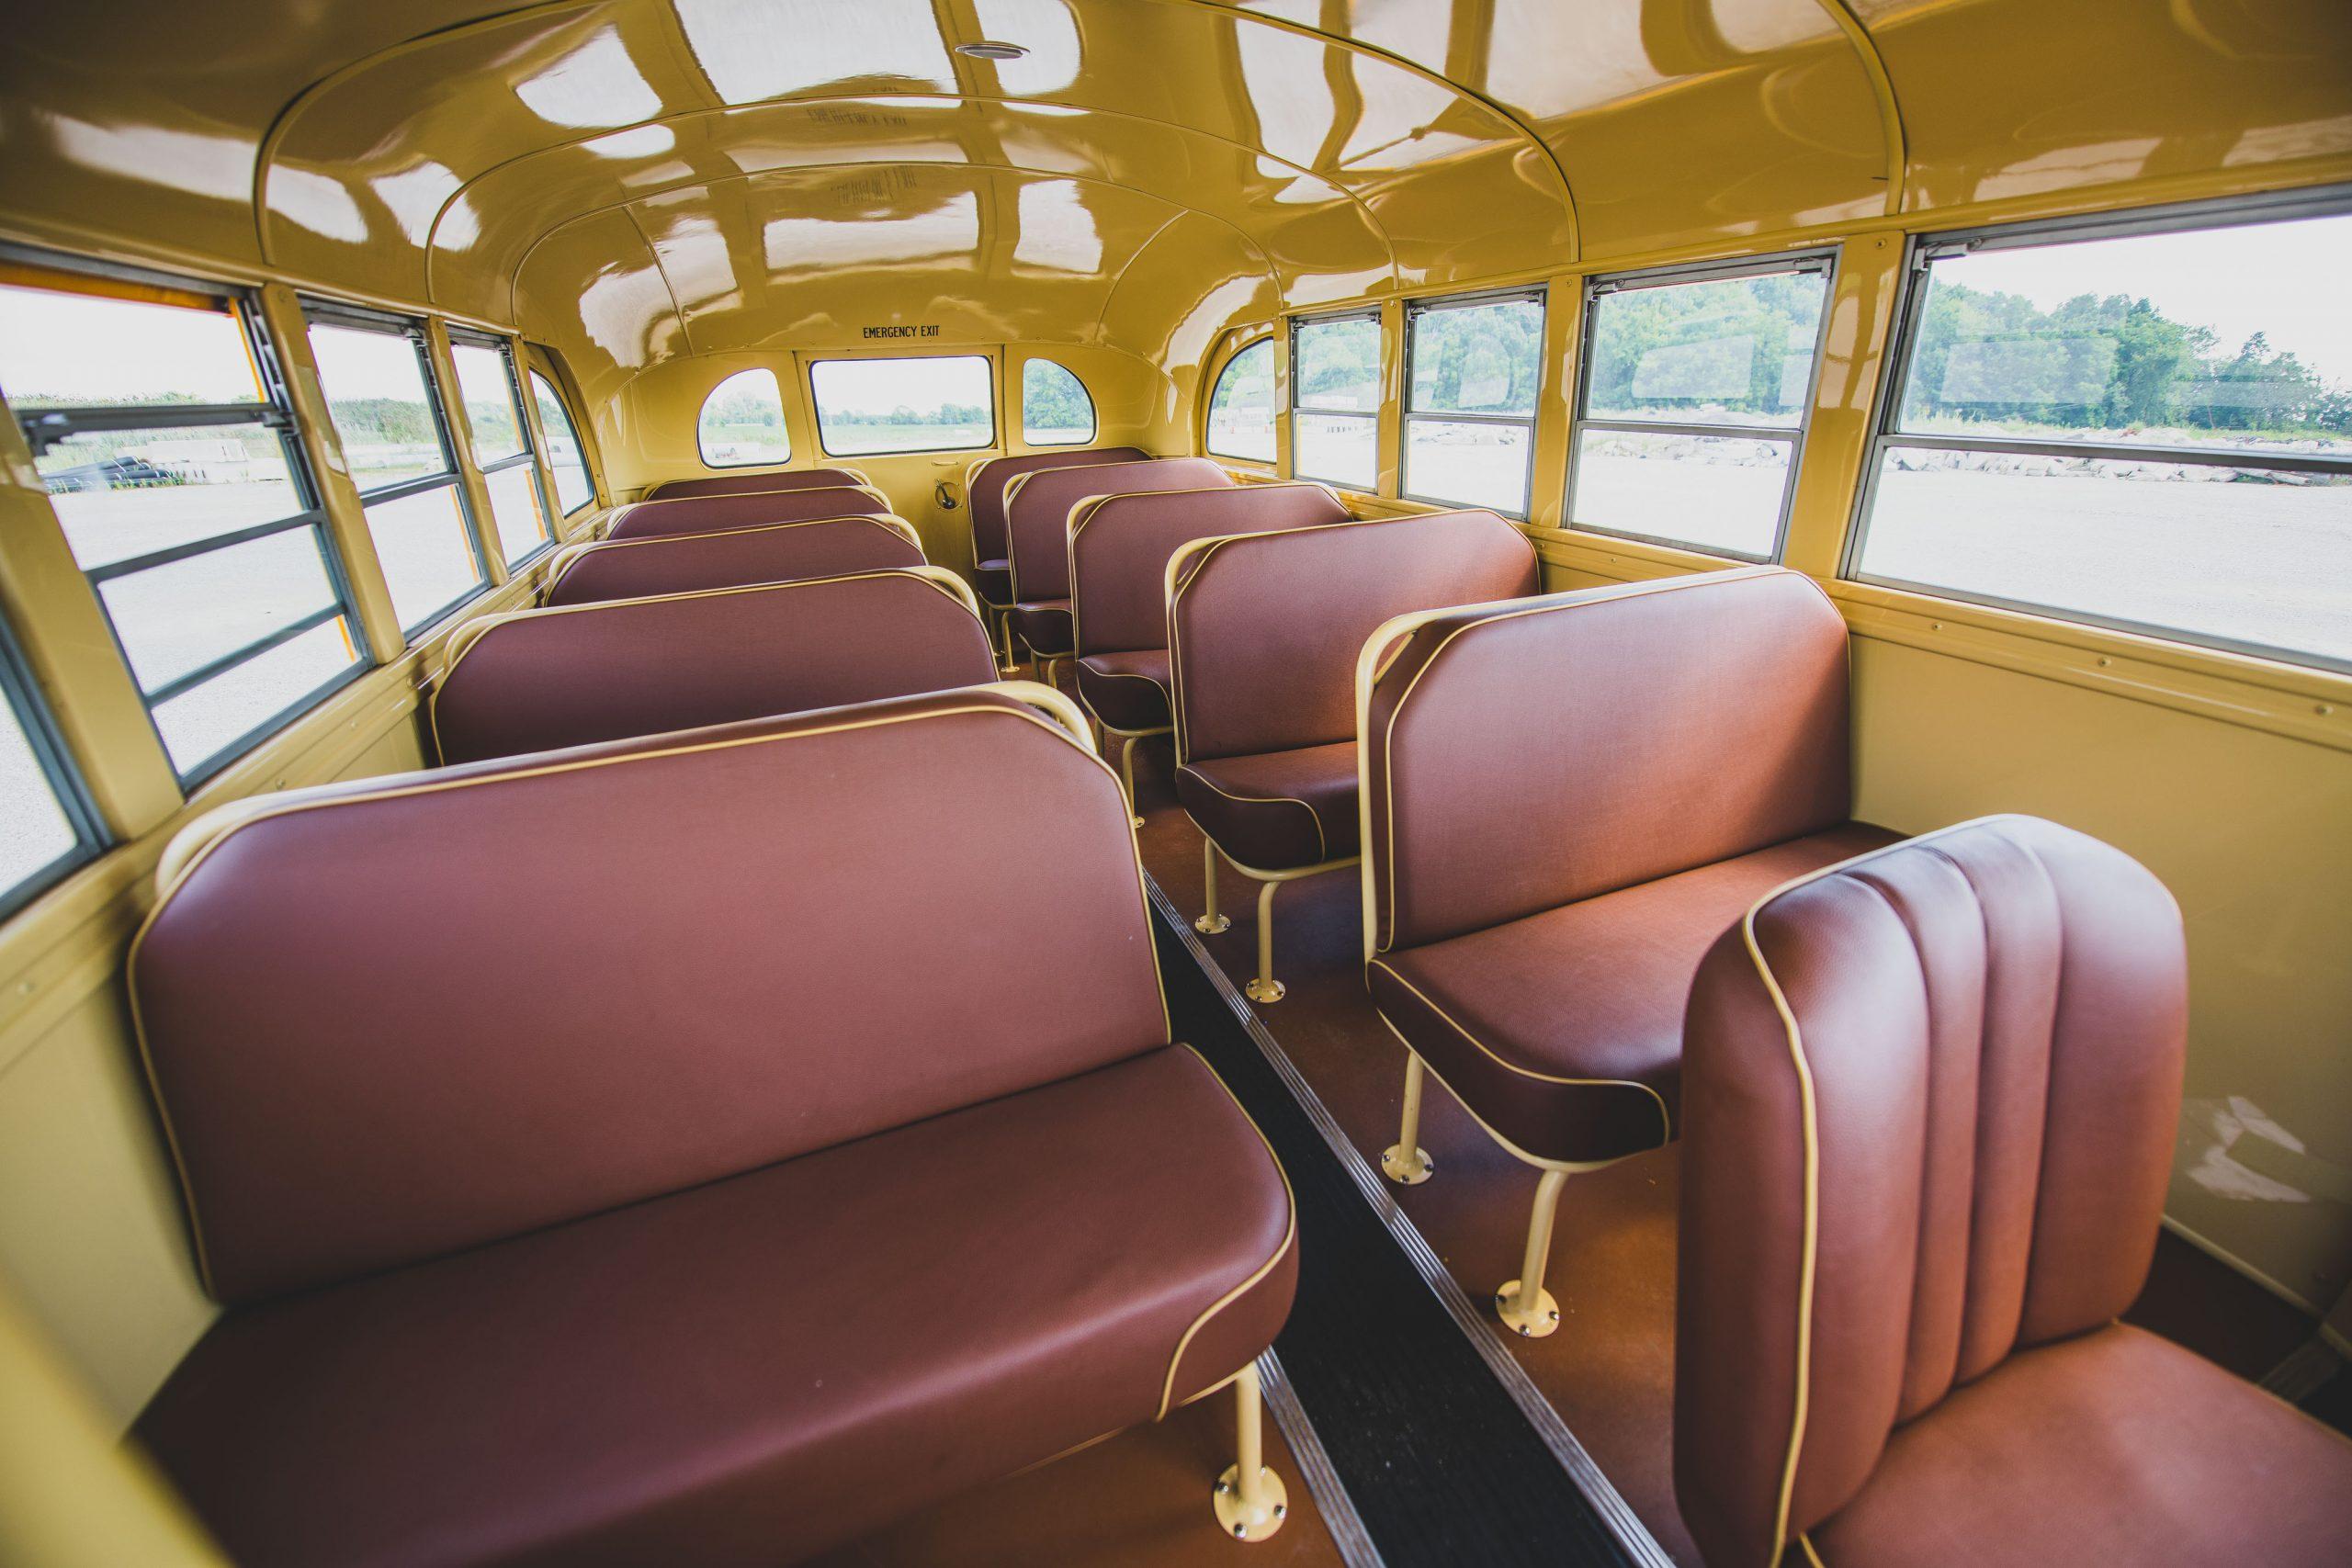 1949-Nash-Model-3248-School-Bus interior